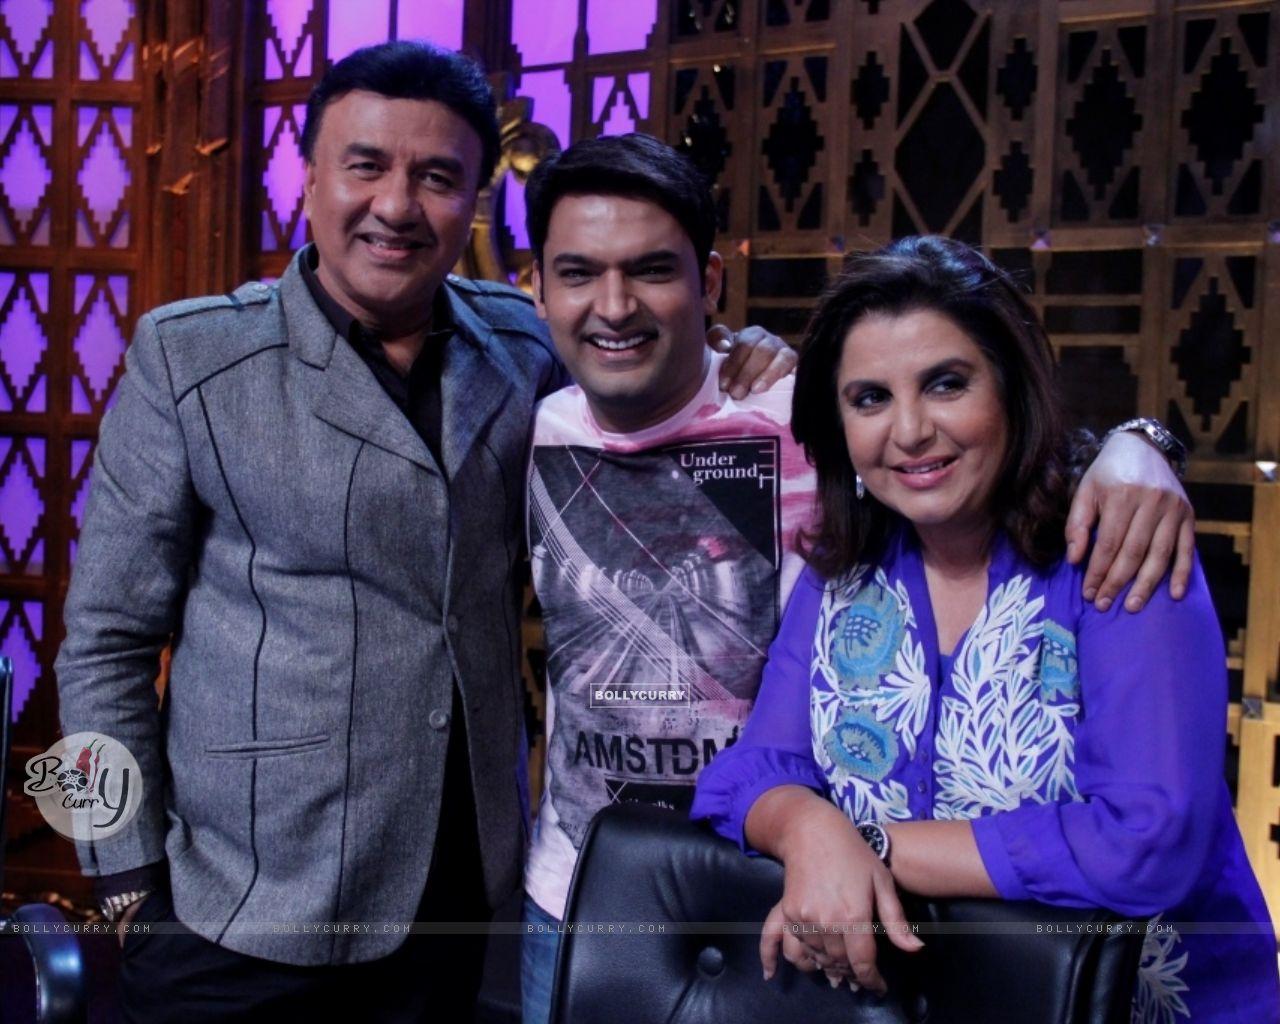 Entertainment Ke Liye Kuch Bhi Karega Season 4 (320894) size:1280x1024